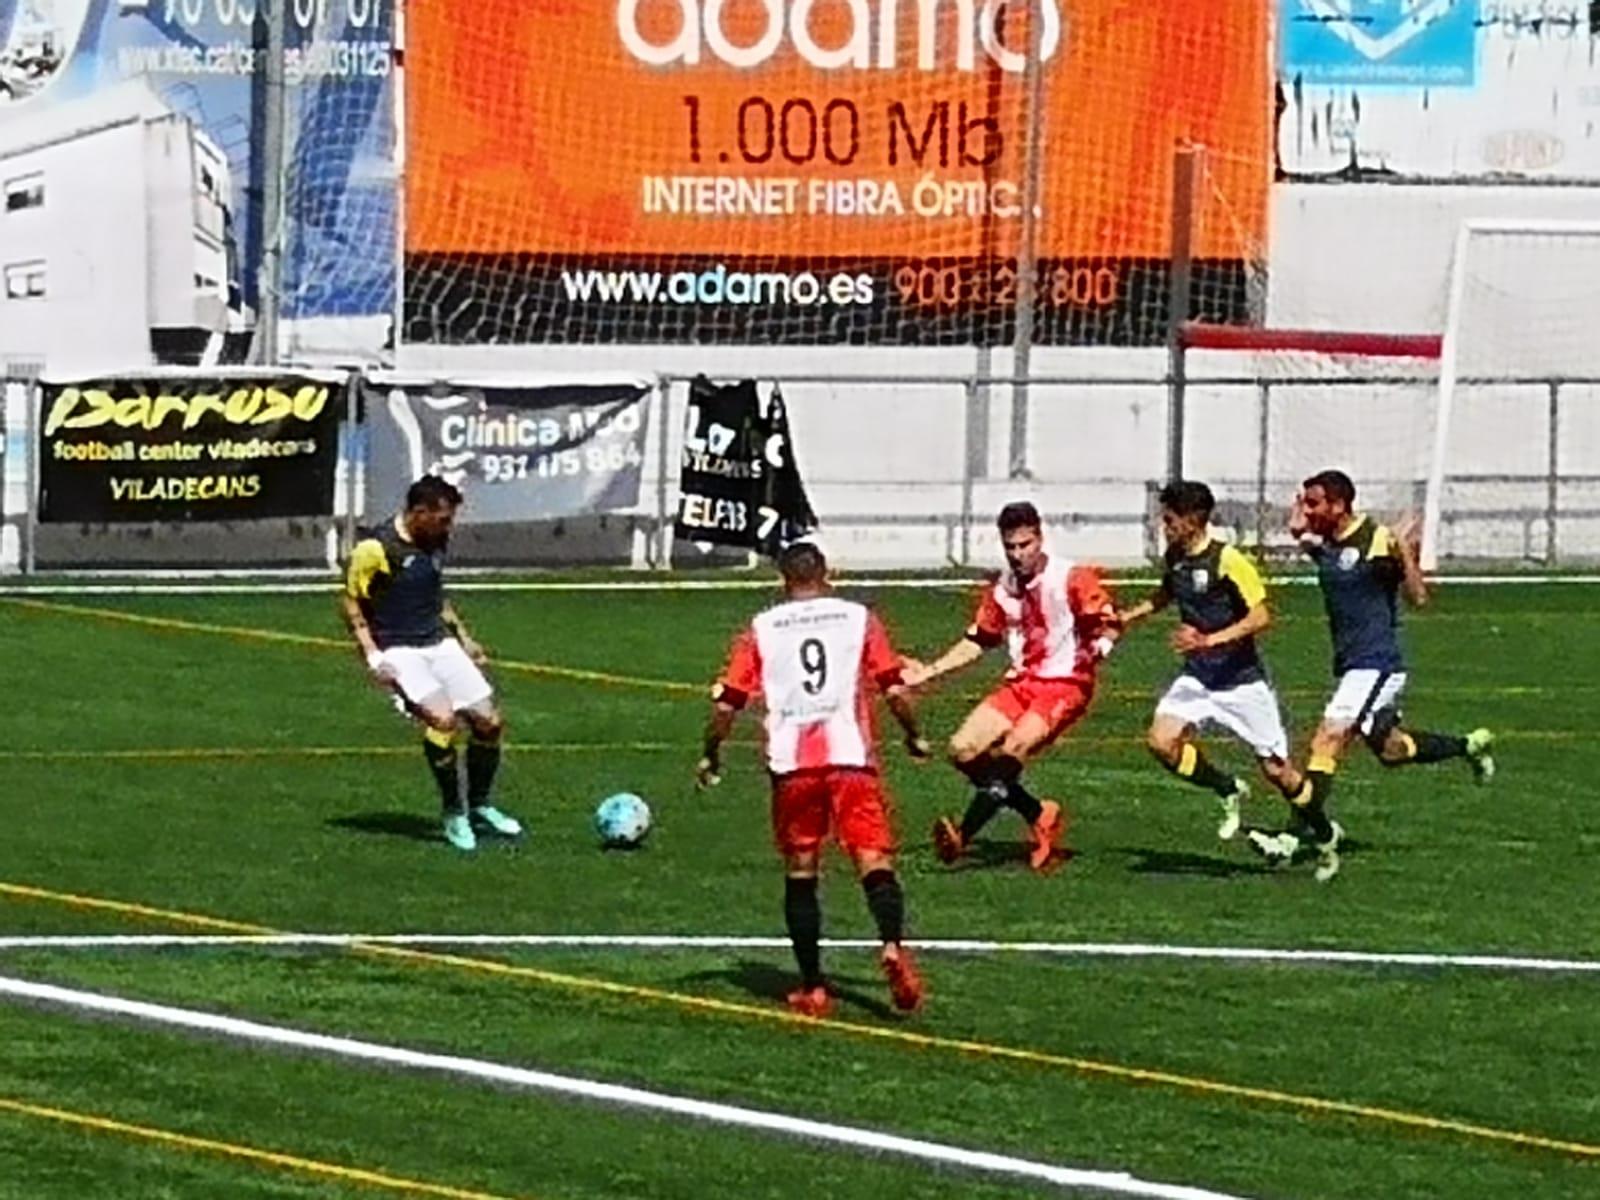 Crònica UD Viladecans (2) – FC Borges (2)